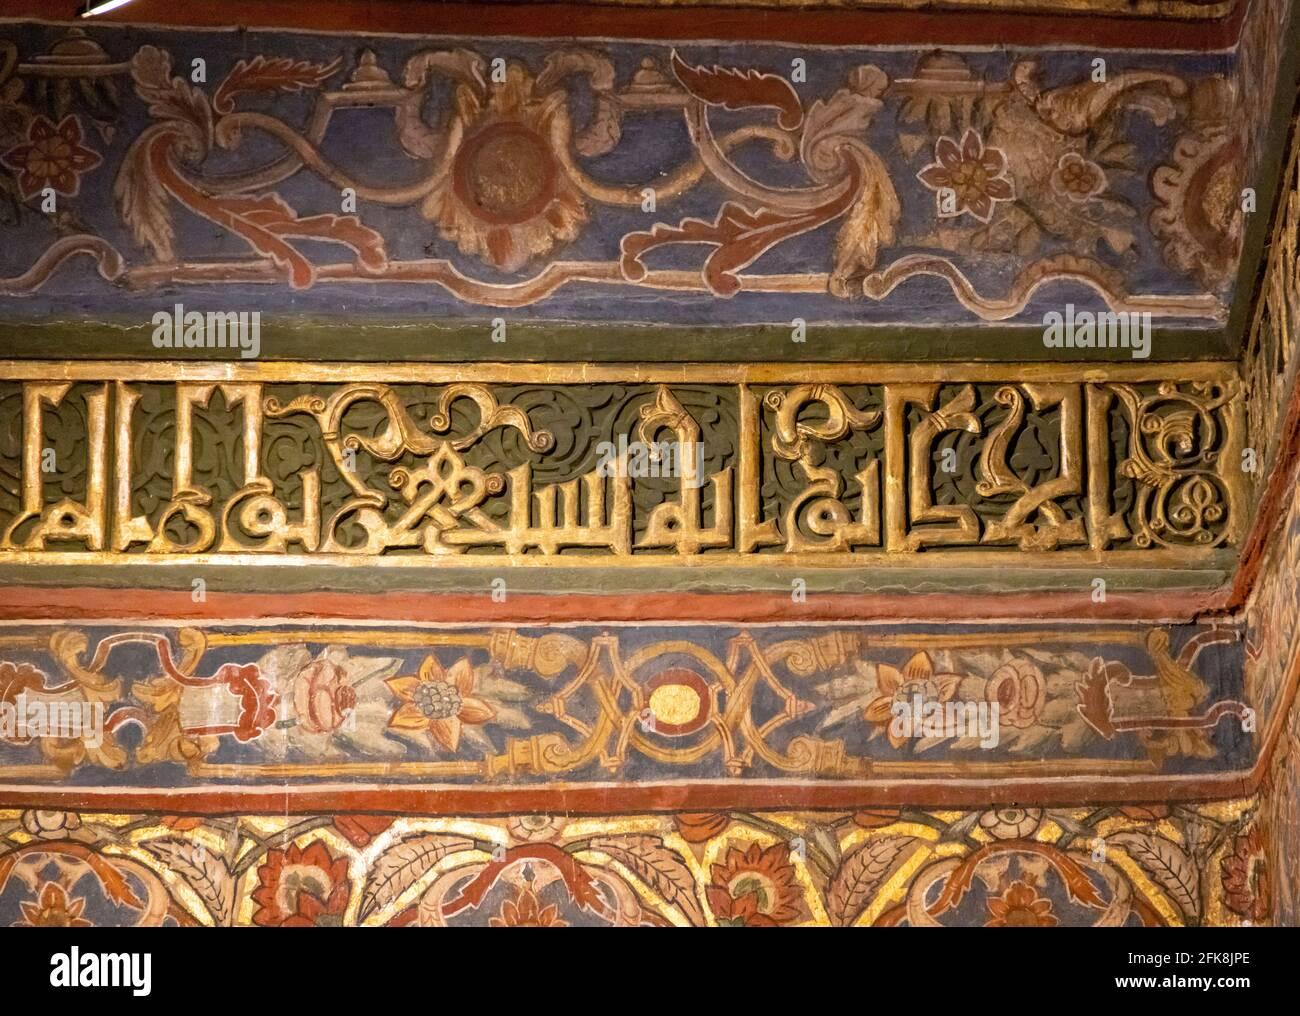 Detalle de inscripción y decoración Kufic de madera tallada Ayyubid, interior, Tumba de Imam al-Shafi'i, El Cairo, Egipto Foto de stock